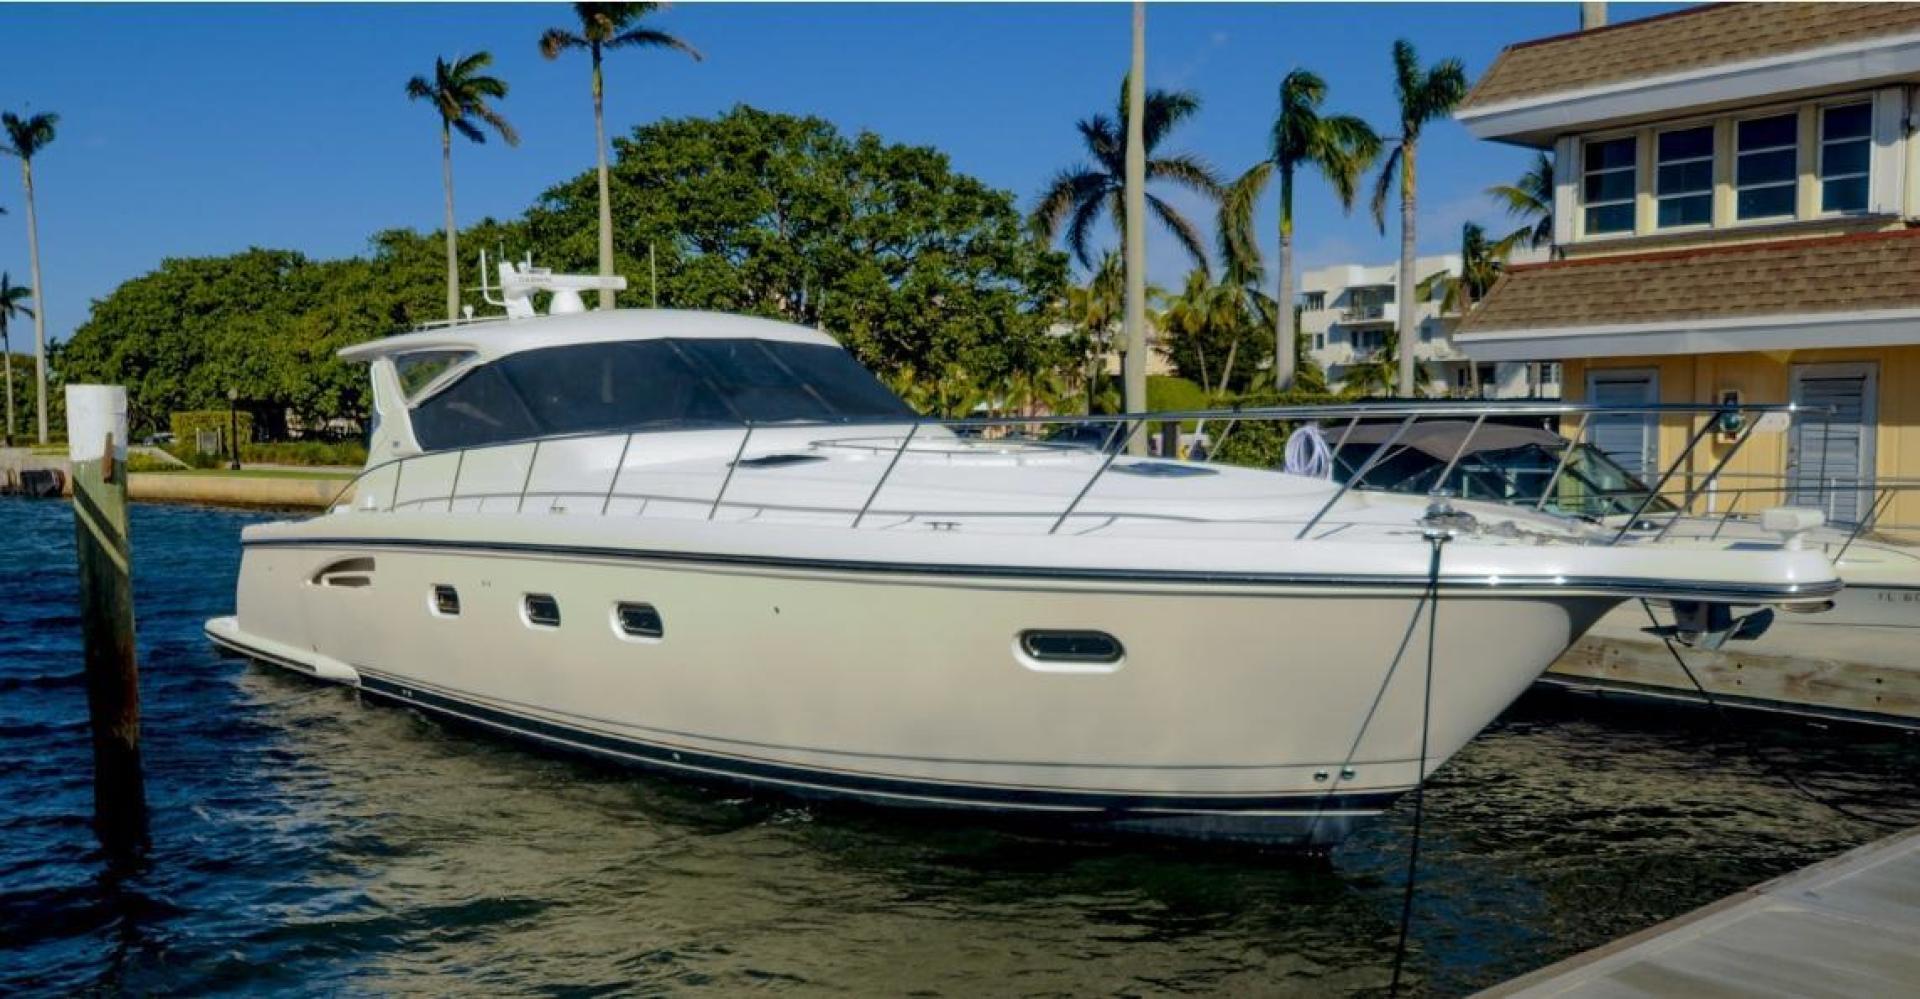 52' Tiara Yachts 2002 5200 Express 5200 Express